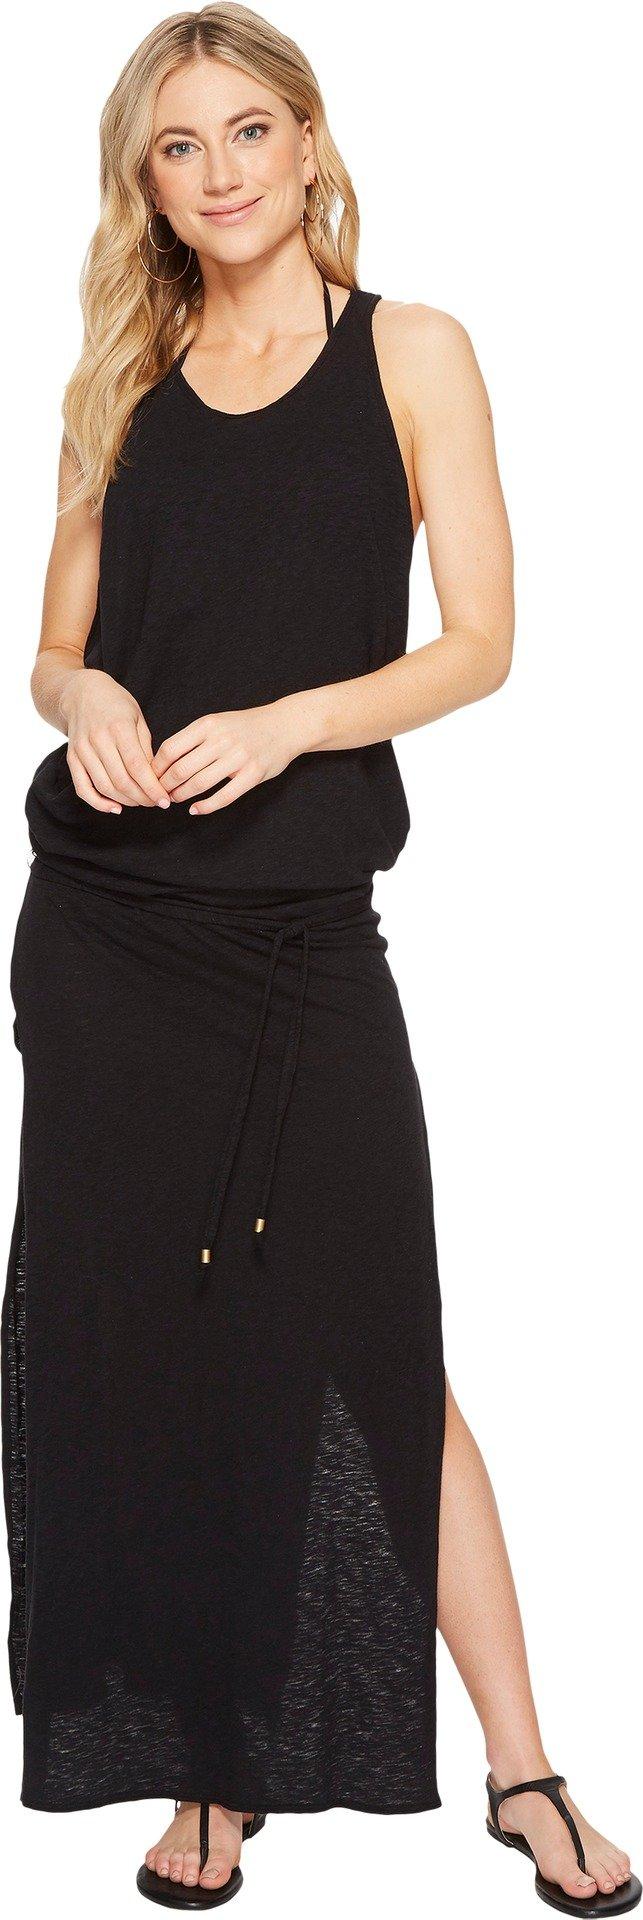 Vitamin A Swimwear Women's Island Maxi Cover-Up Eco Cotton Black Medium